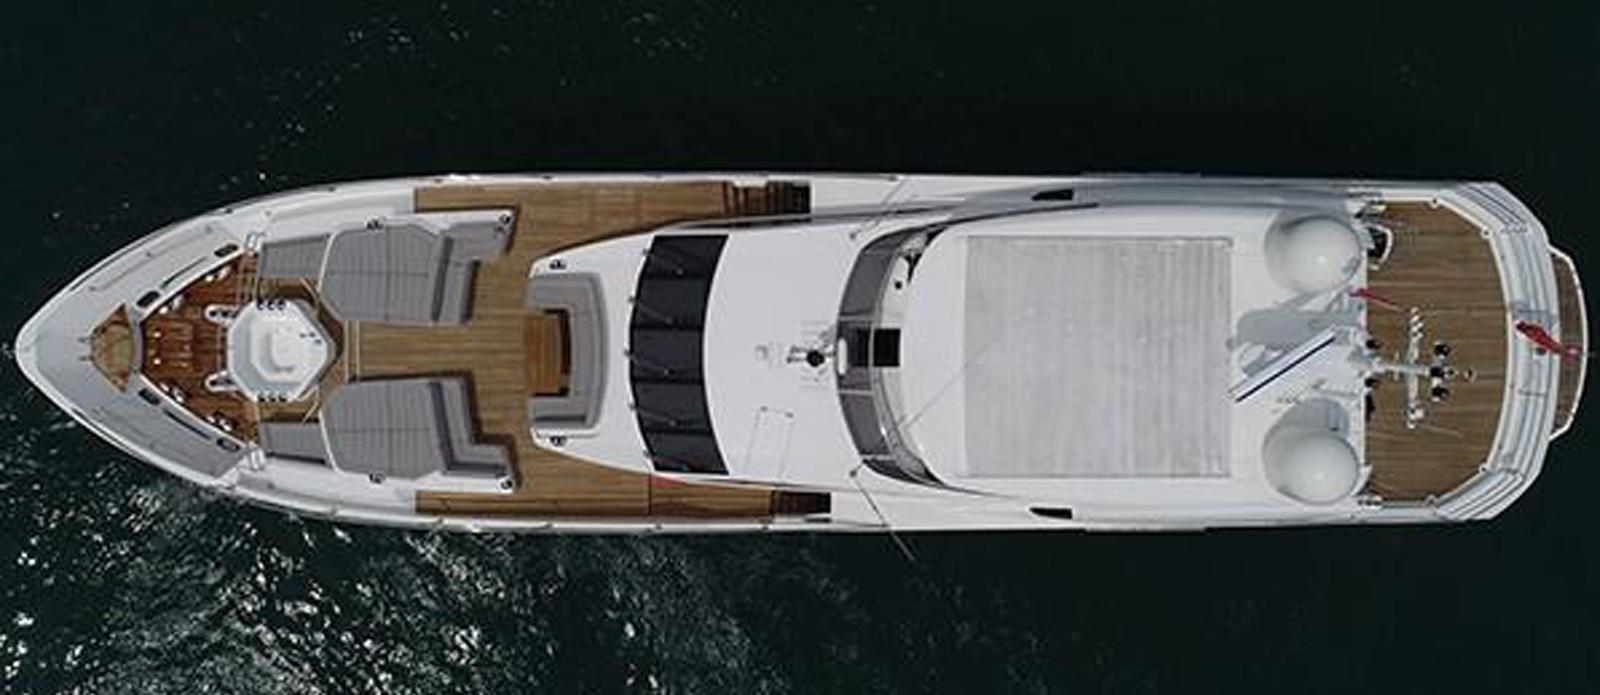 Sunseeker-116-Sport-Yacht-Priceless-1